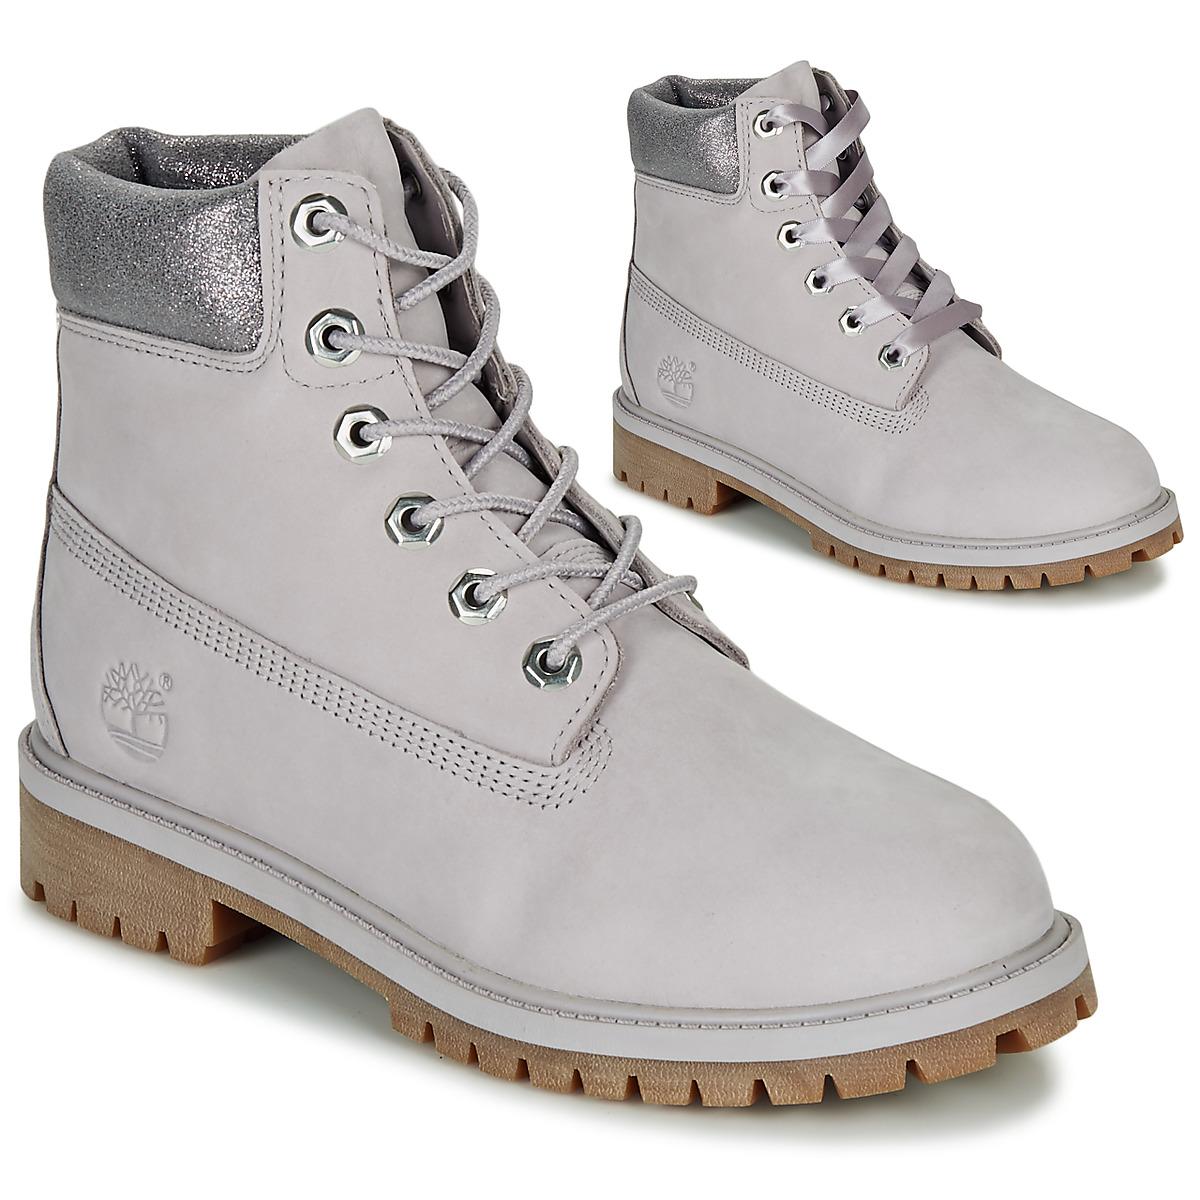 Se Støvler til børn Timberland  6 IN PREMIUM WP BOOT ved Spartoo